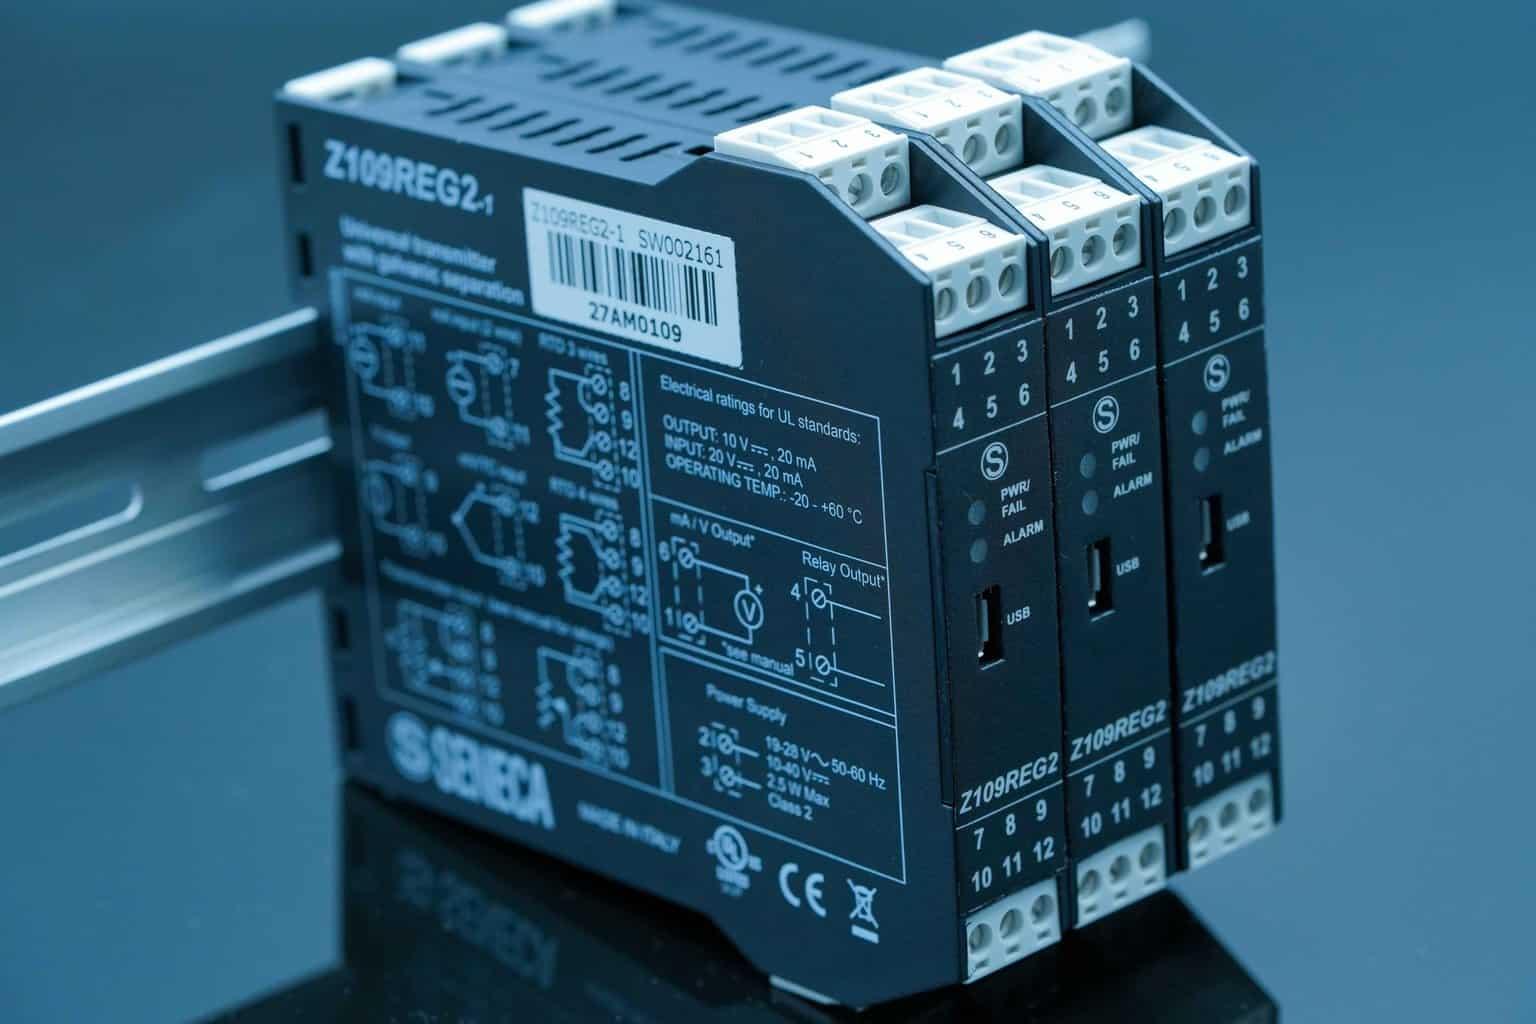 Bộ chuyển đổi tín hiệu đa năng Z109REG2-1 | Seneca - Italy